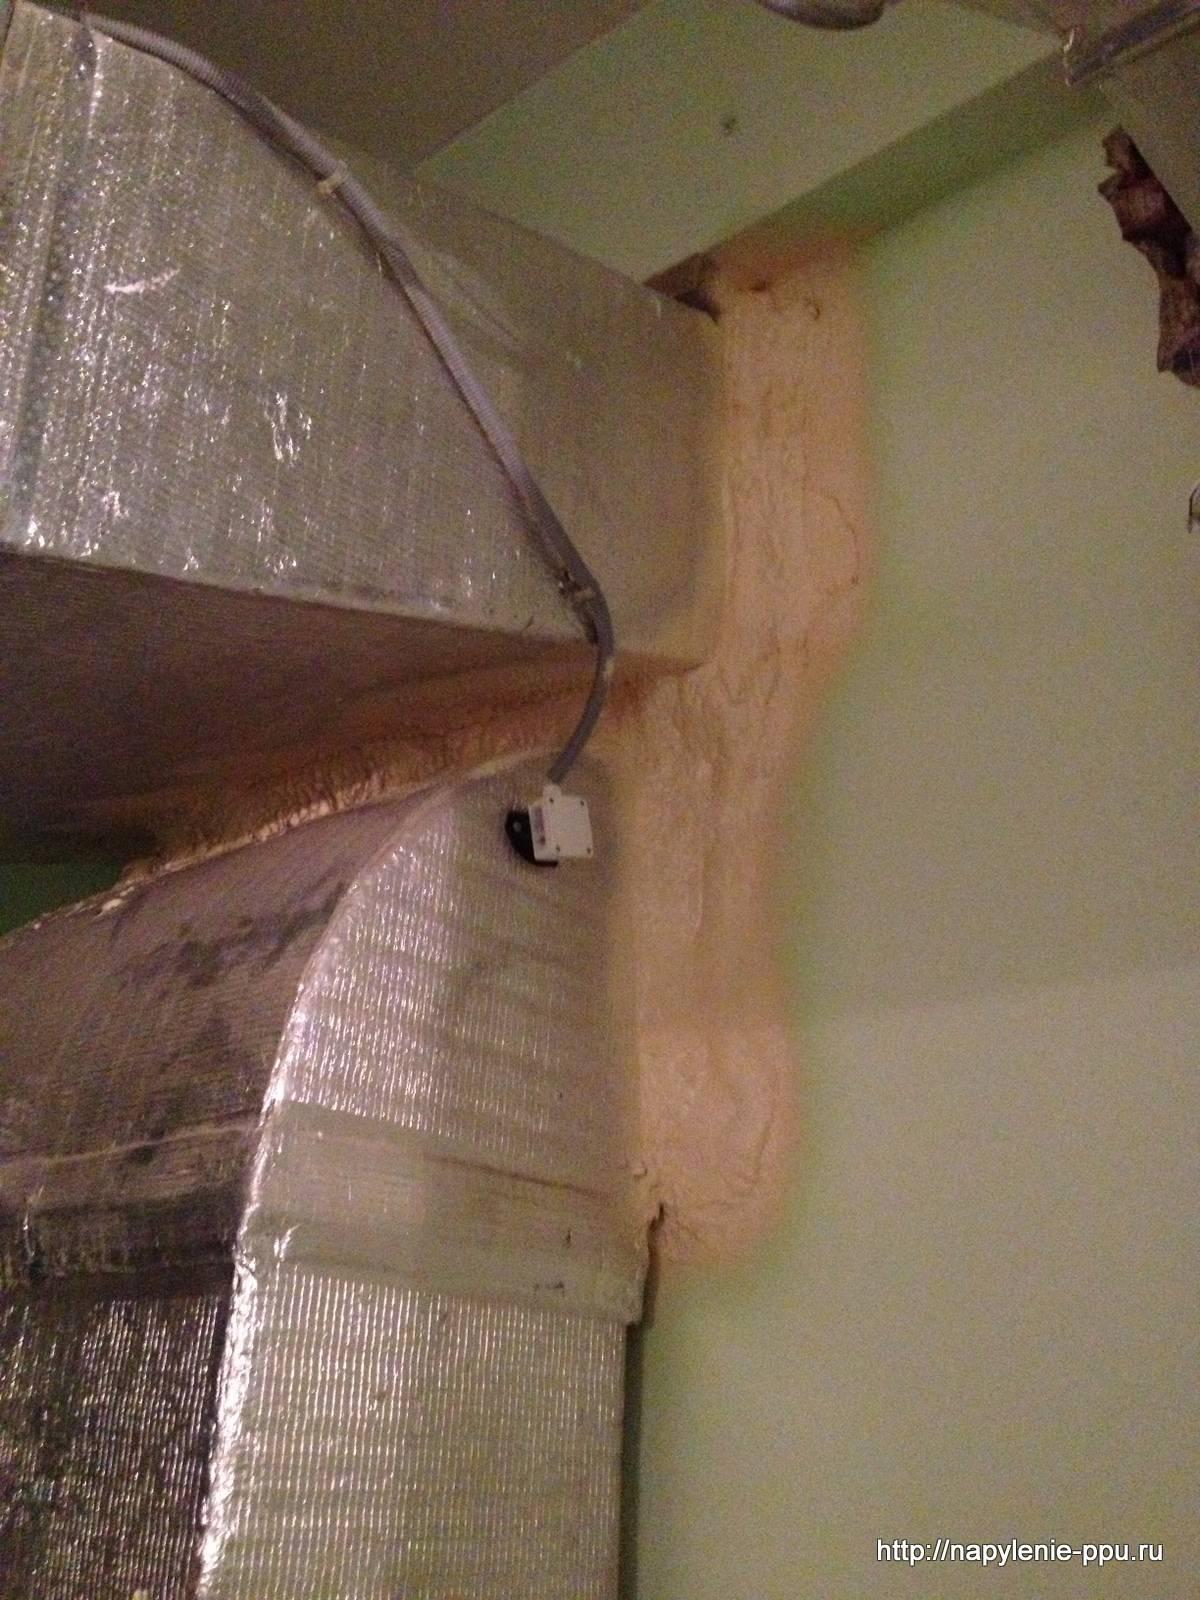 Изоляция воздуховодов: теплоизоляция и звукоизоляция вентиляции